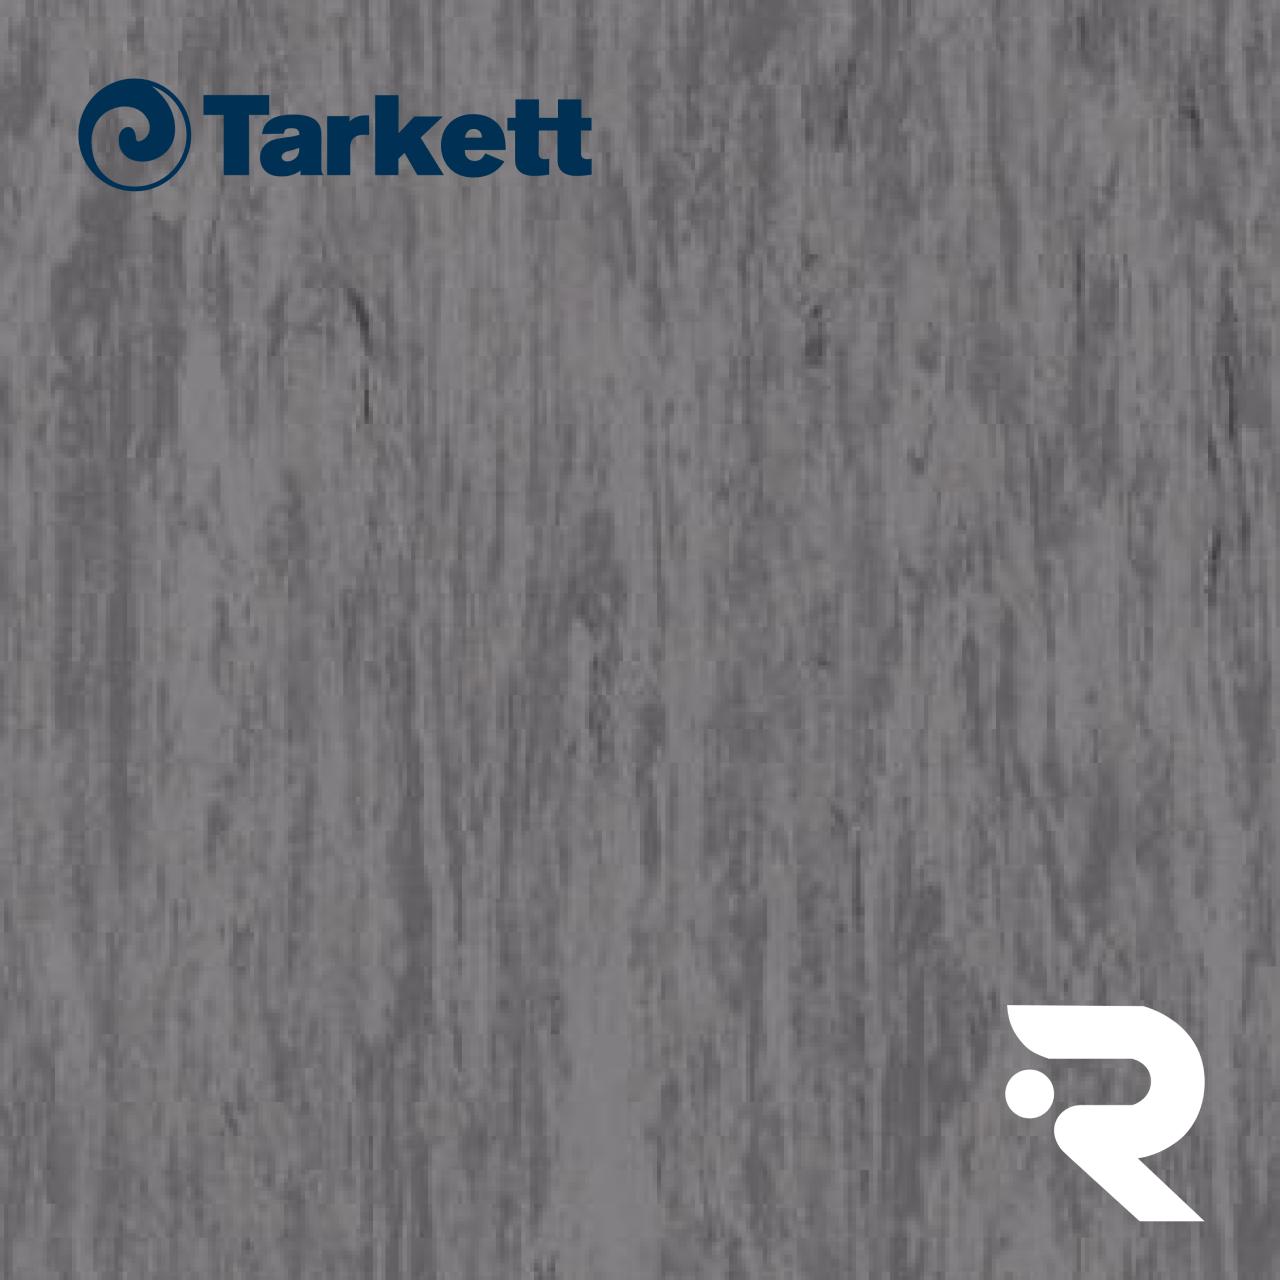 🏫 Гомогенний лінолеум Tarkett | Standard DARK STONE GREY 0499 | Standard Plus 2.0 mm | 2 х 23 м